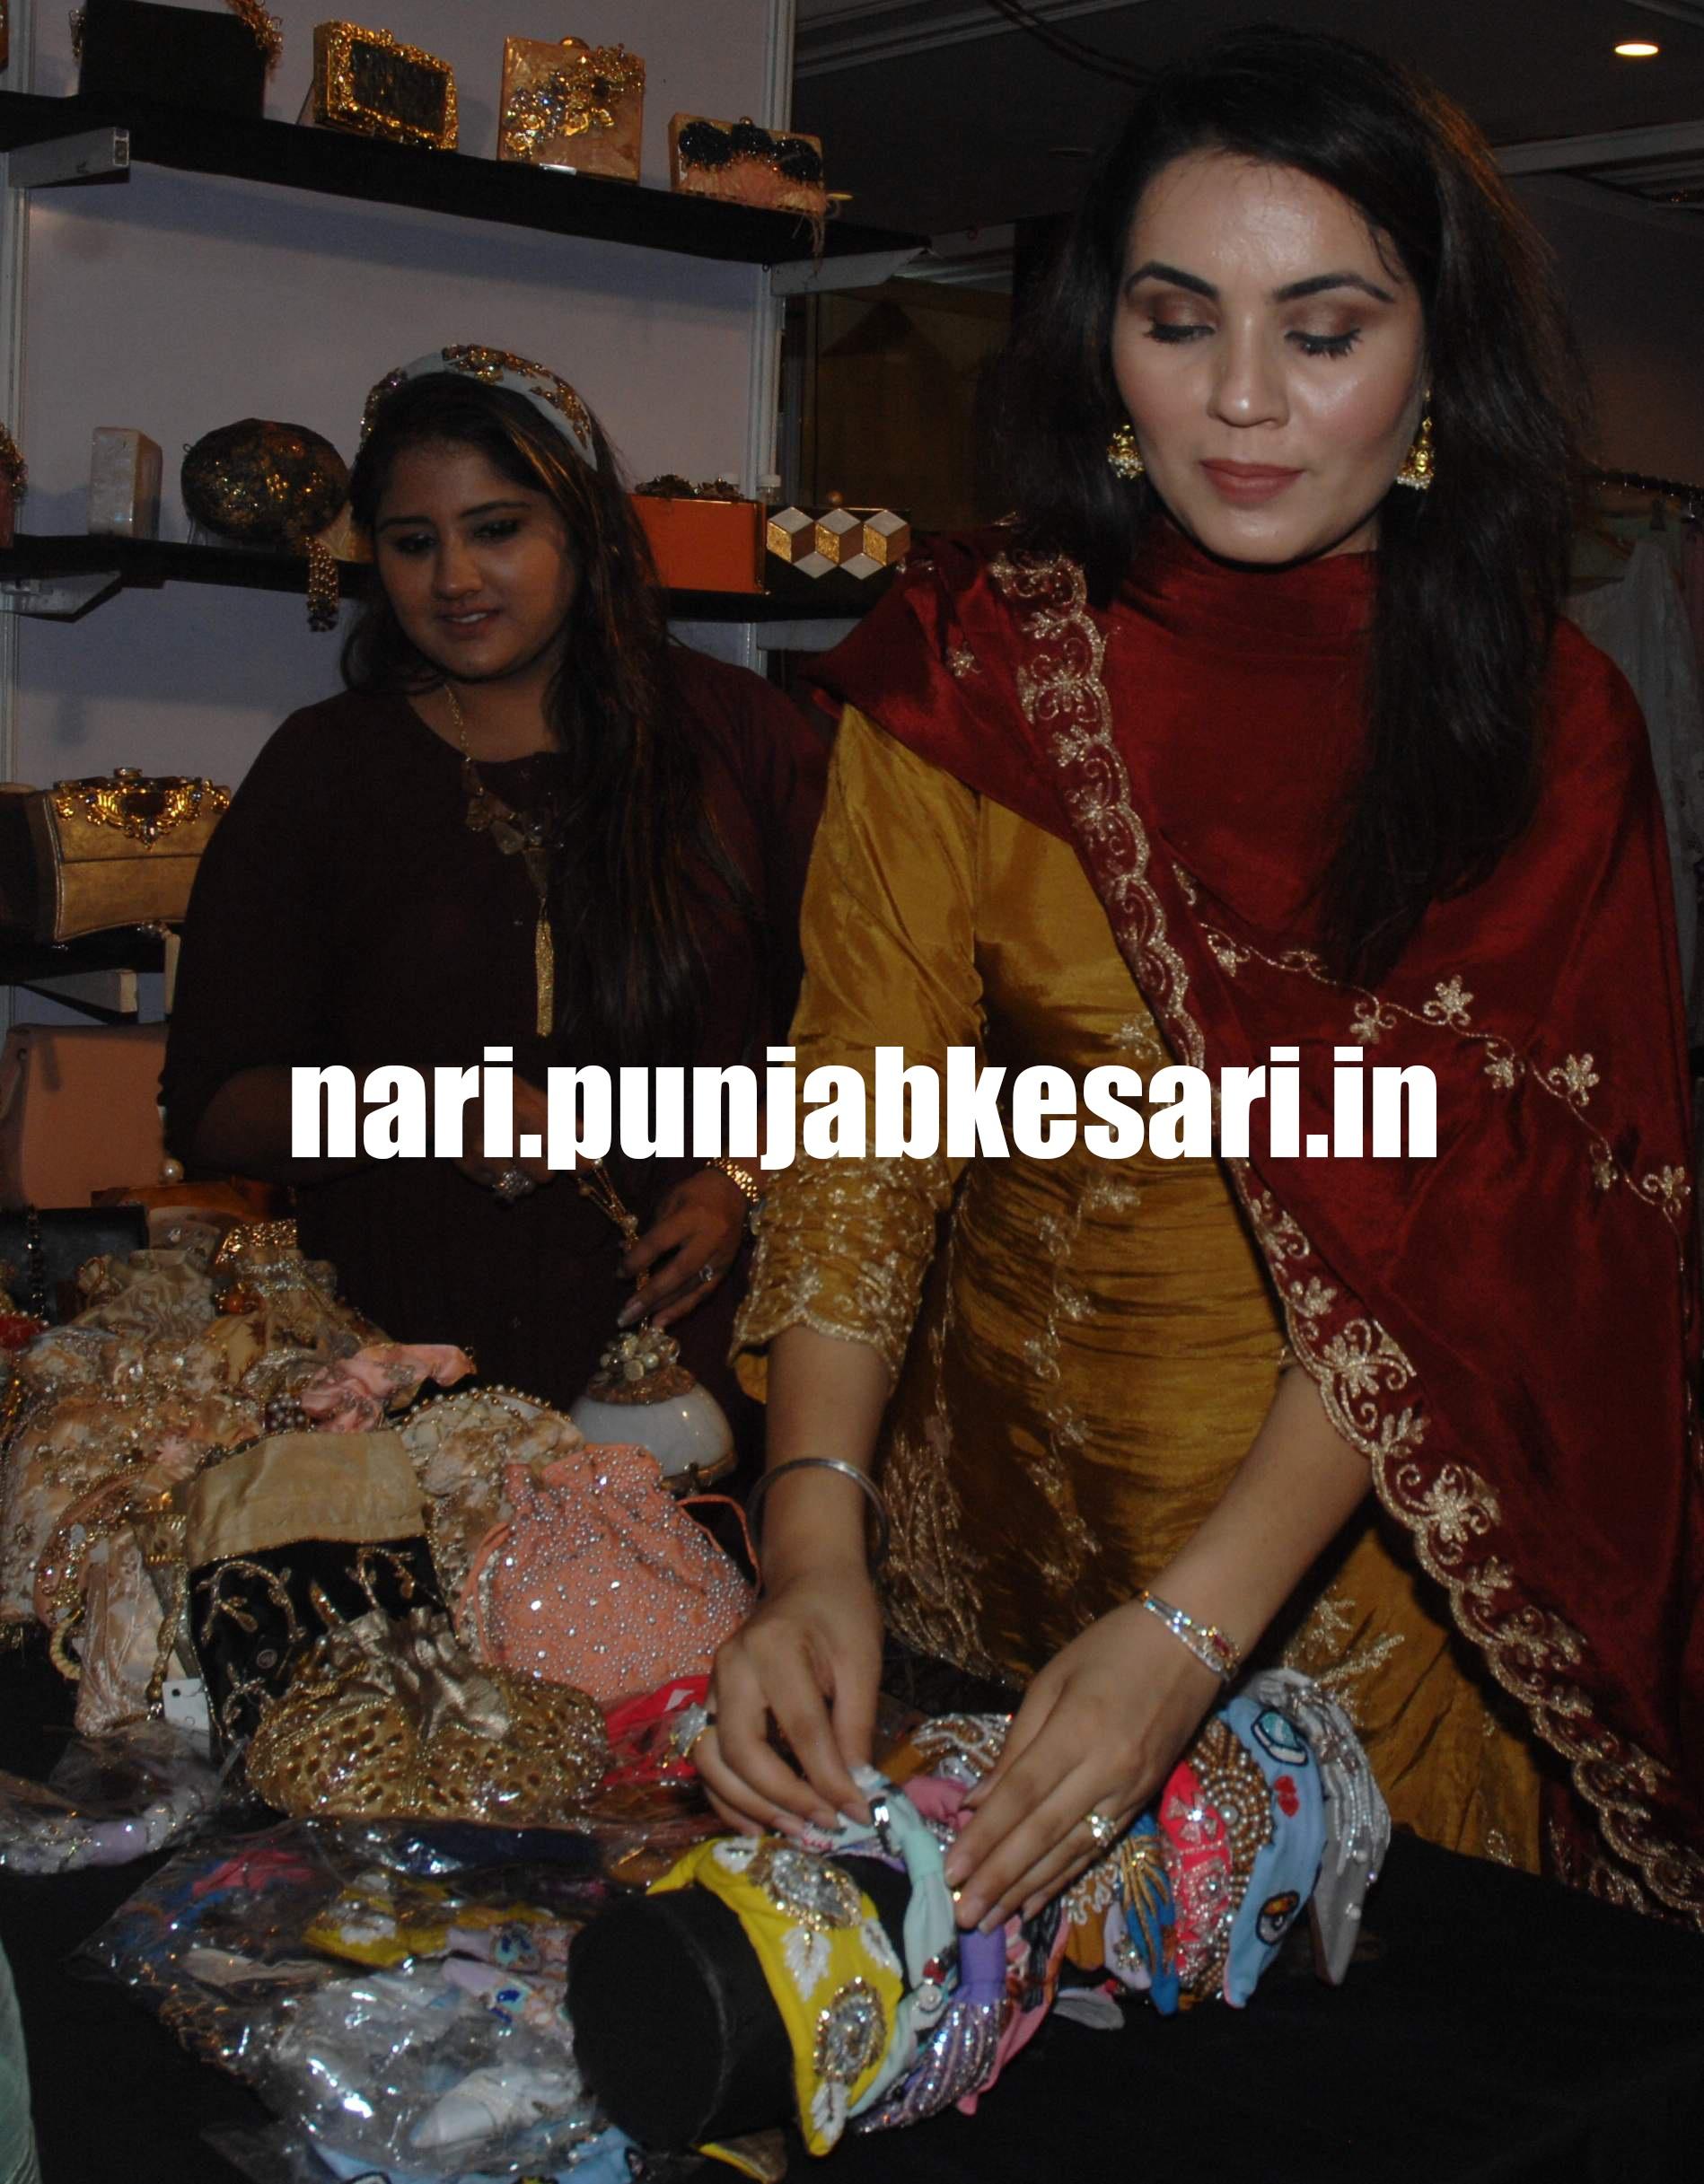 Punjab Kesari, Nari